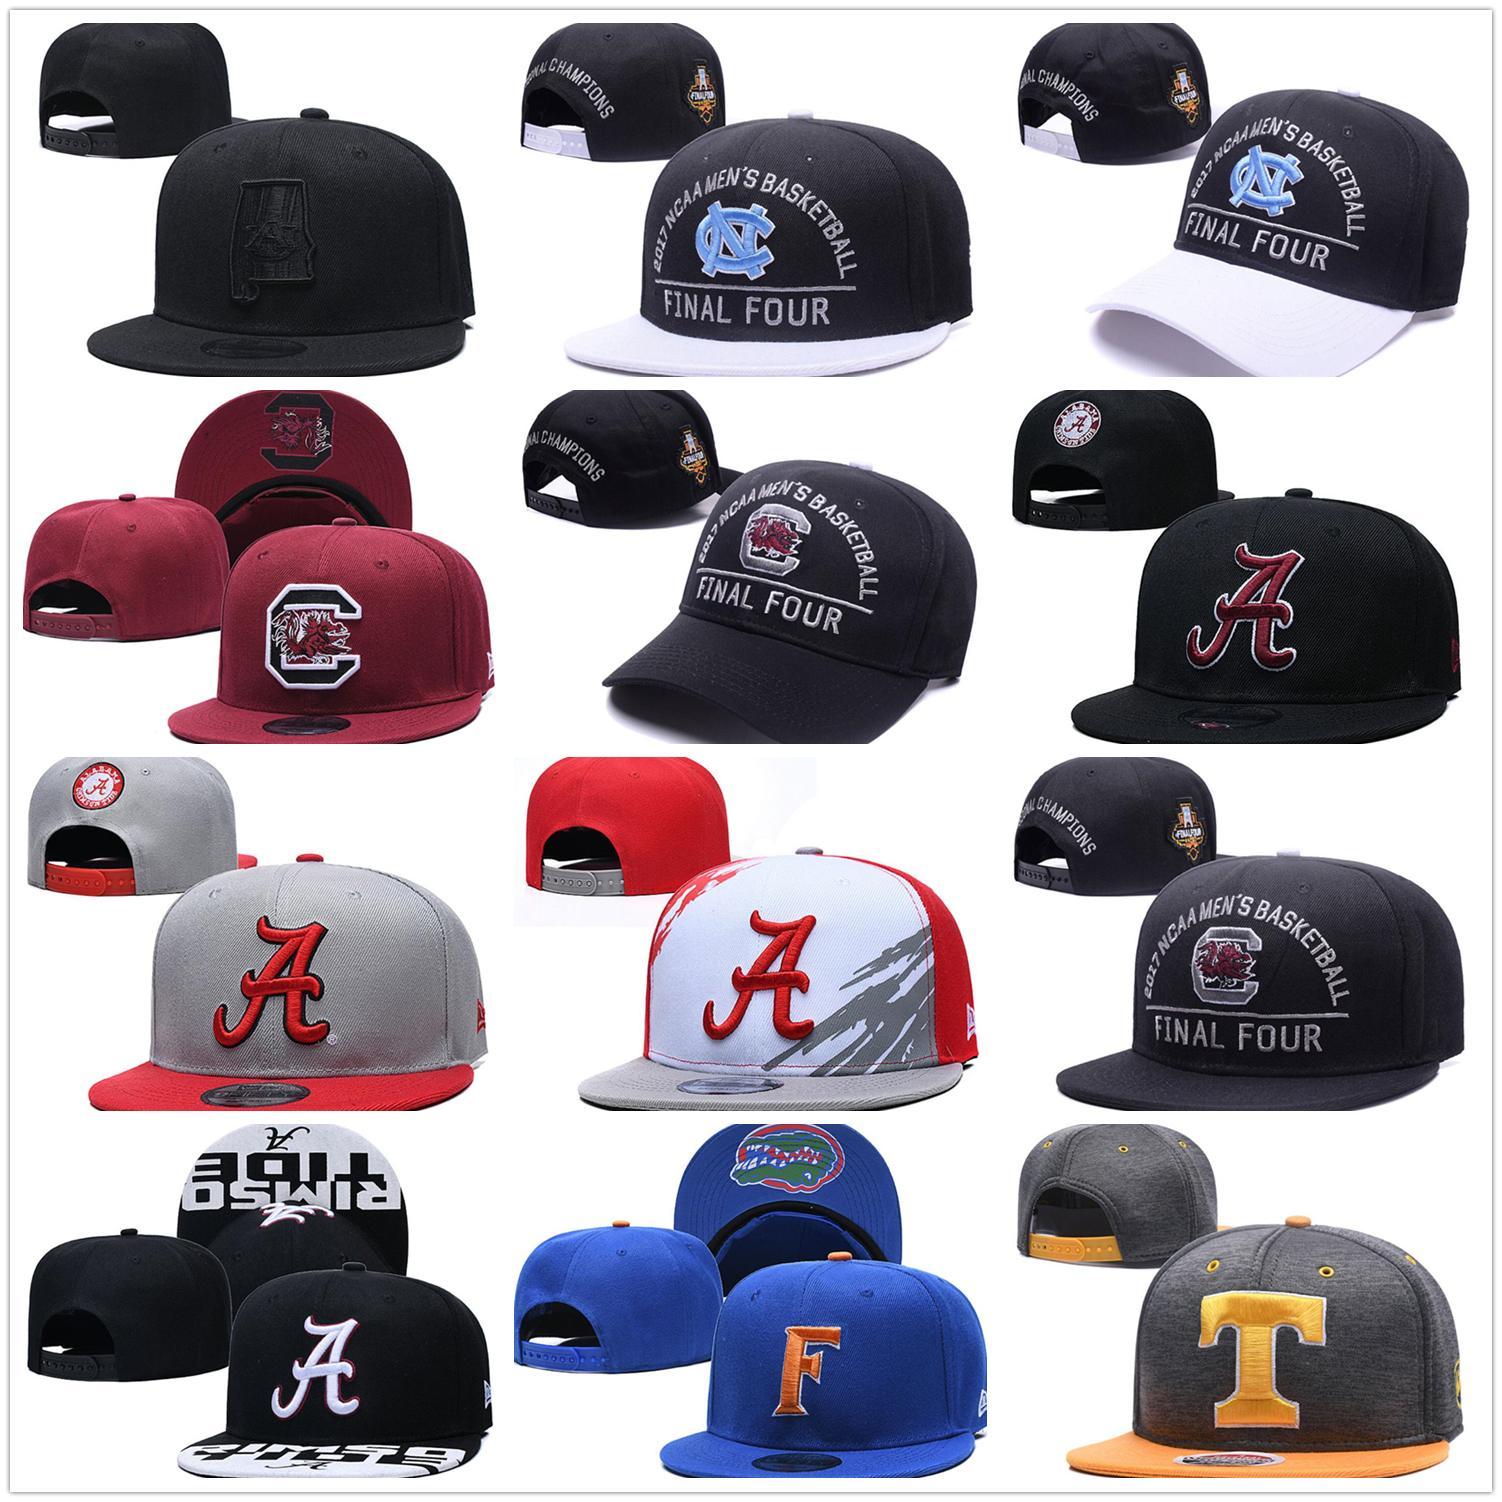 NCAA North Carolina Snapback Tar Heels Caps College قابل للتعديل القبعات جميع الجامعة في المخزون مزيج تطابق الجملة ترتيب واحد حجم واحد